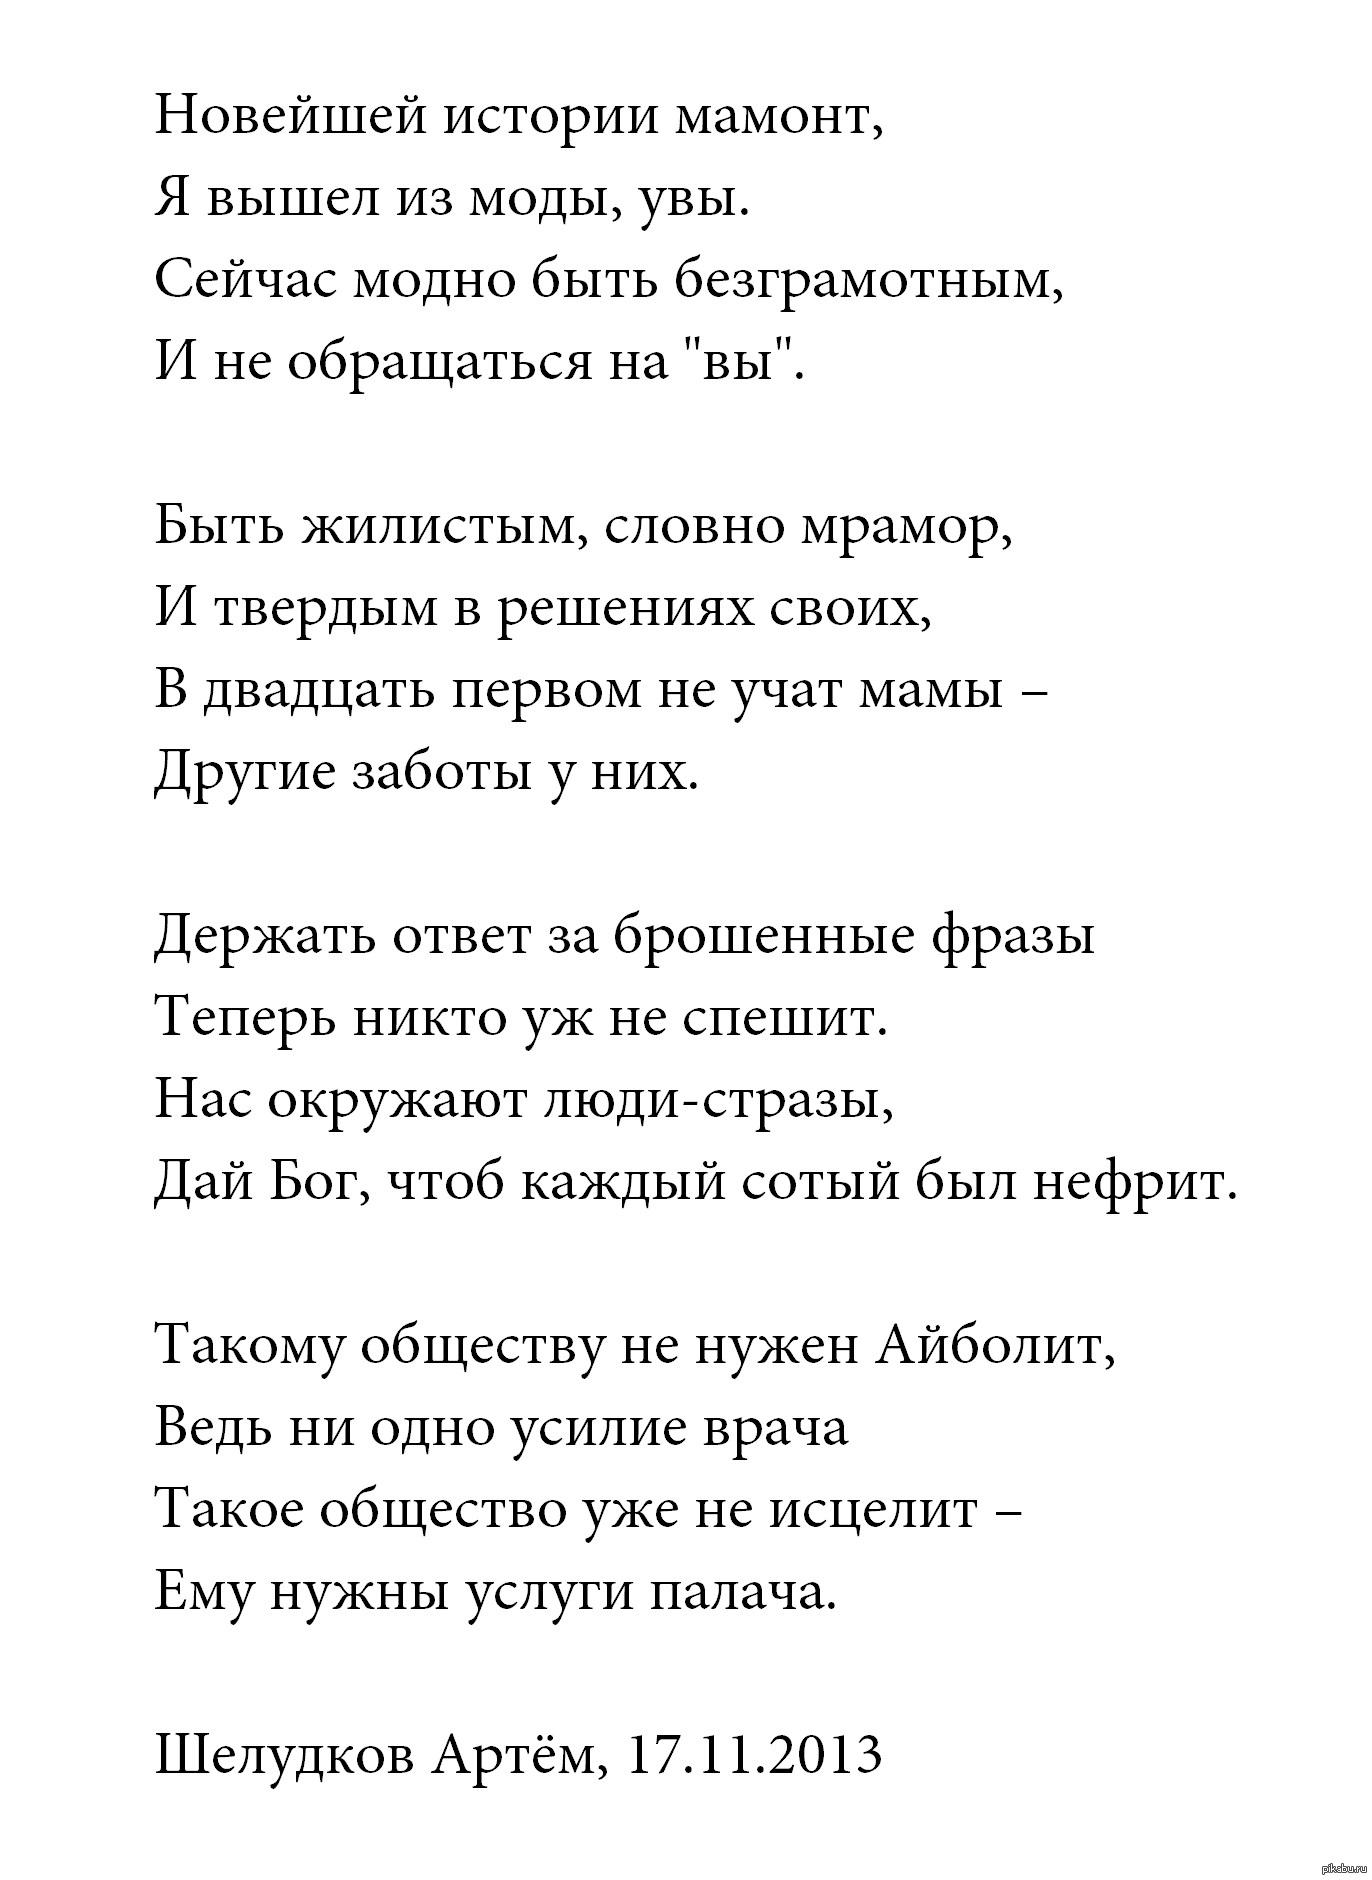 Стих про сиську